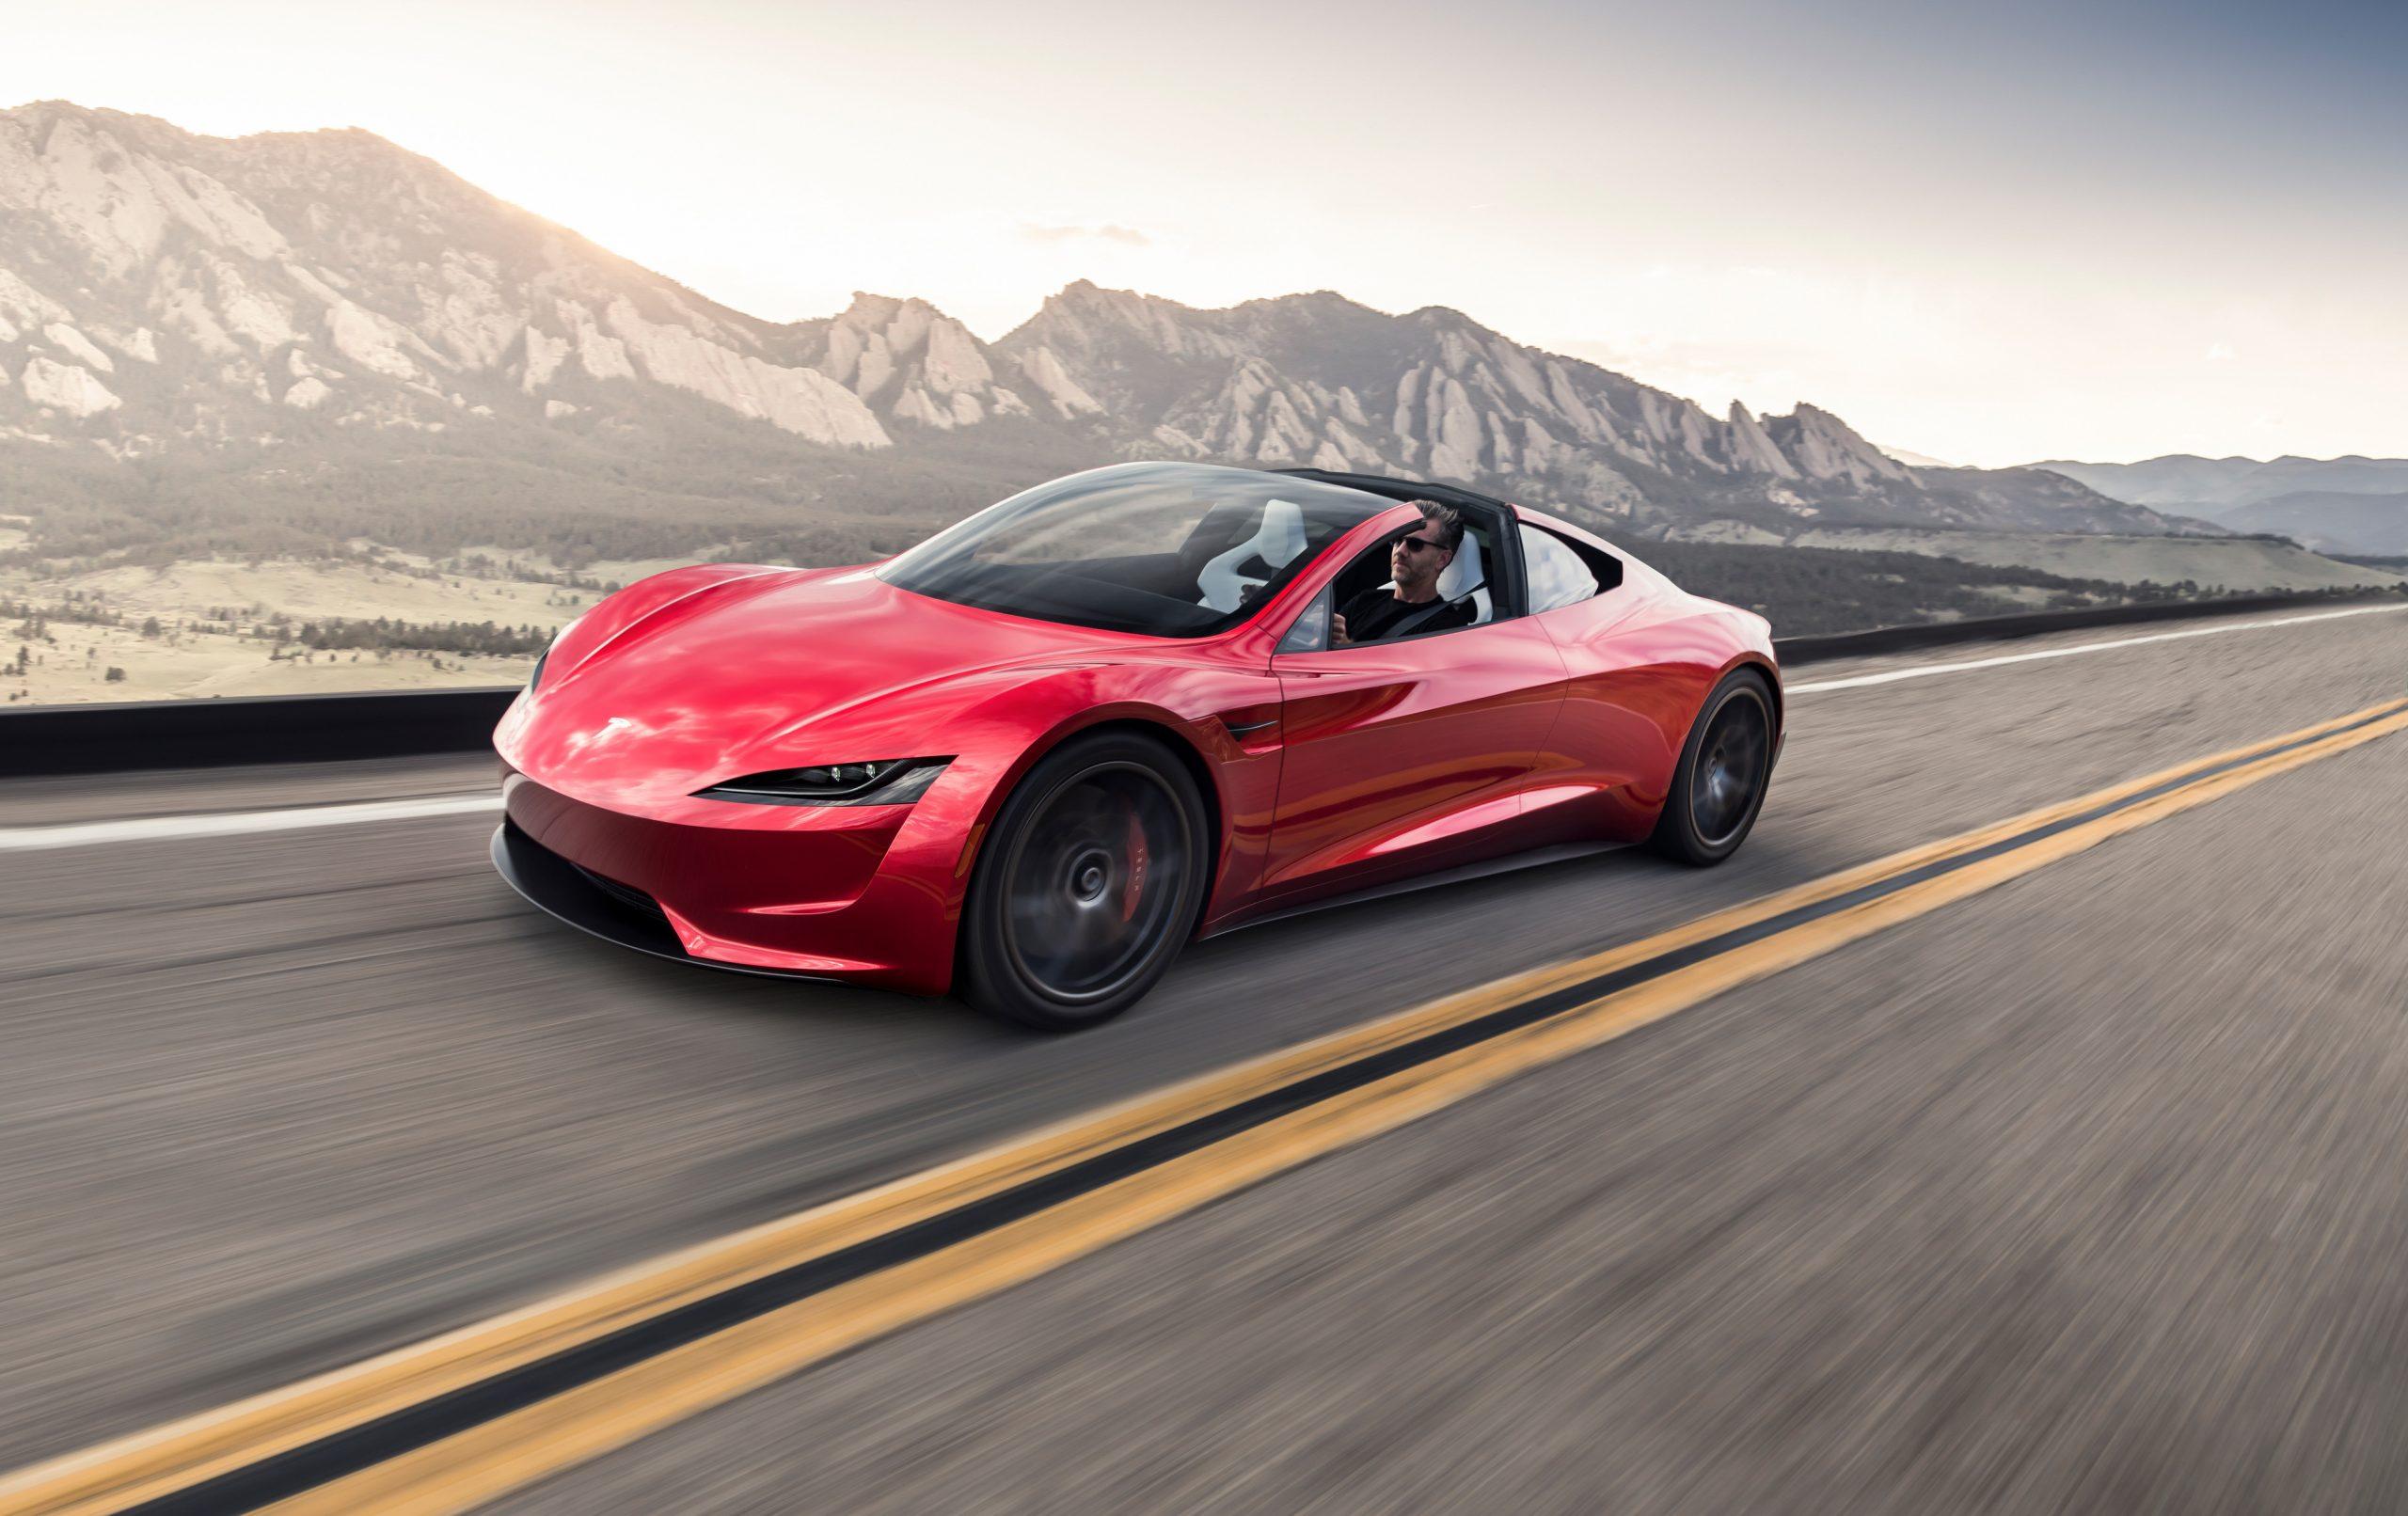 Bei der Produktion einer 100kWh-Batterie eines Tesla werden bis zu 10 Tonnen CO2 freigesetzt.